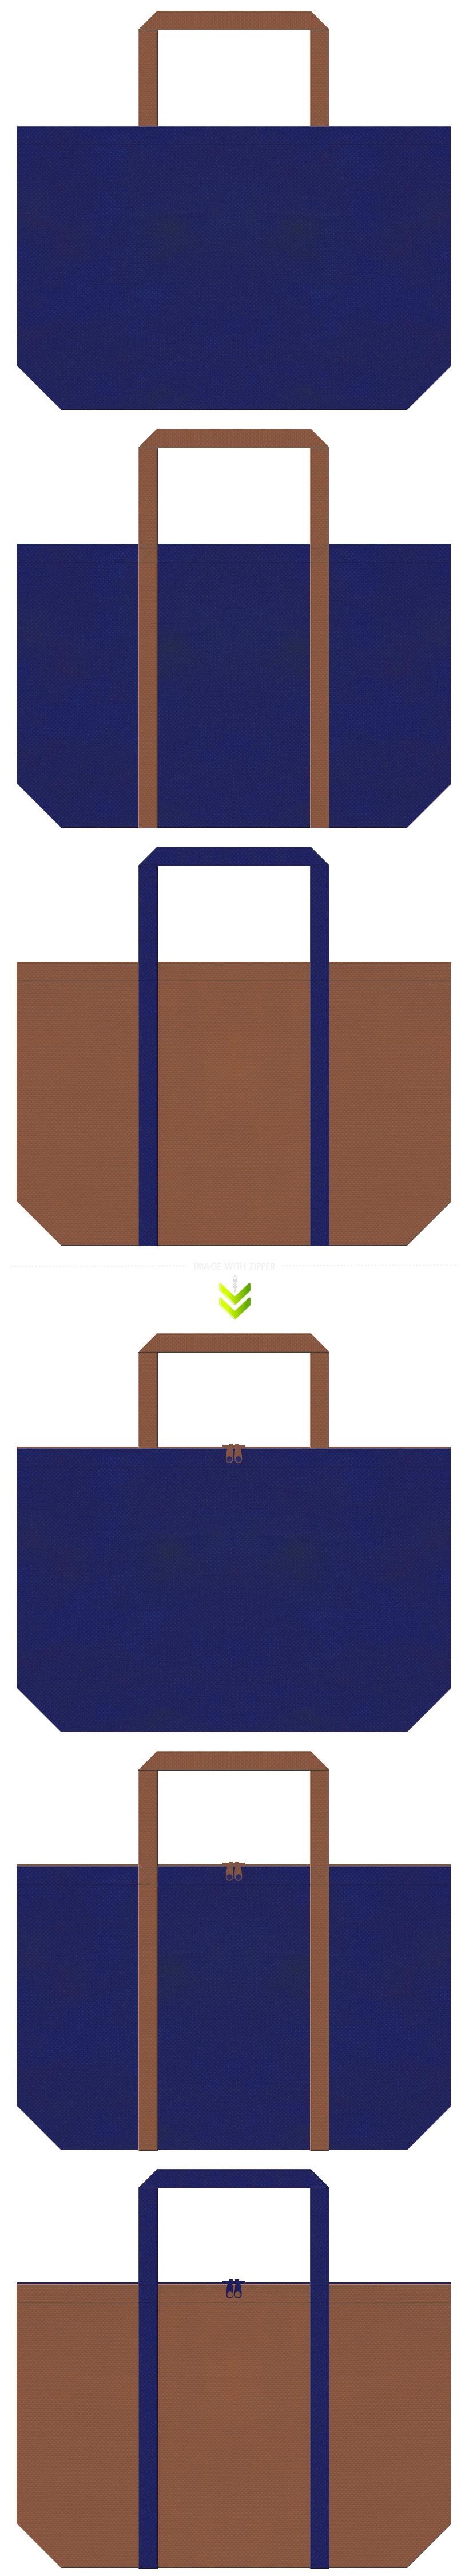 明るい紺色と茶色の不織布ショッピングバッグのデザイン